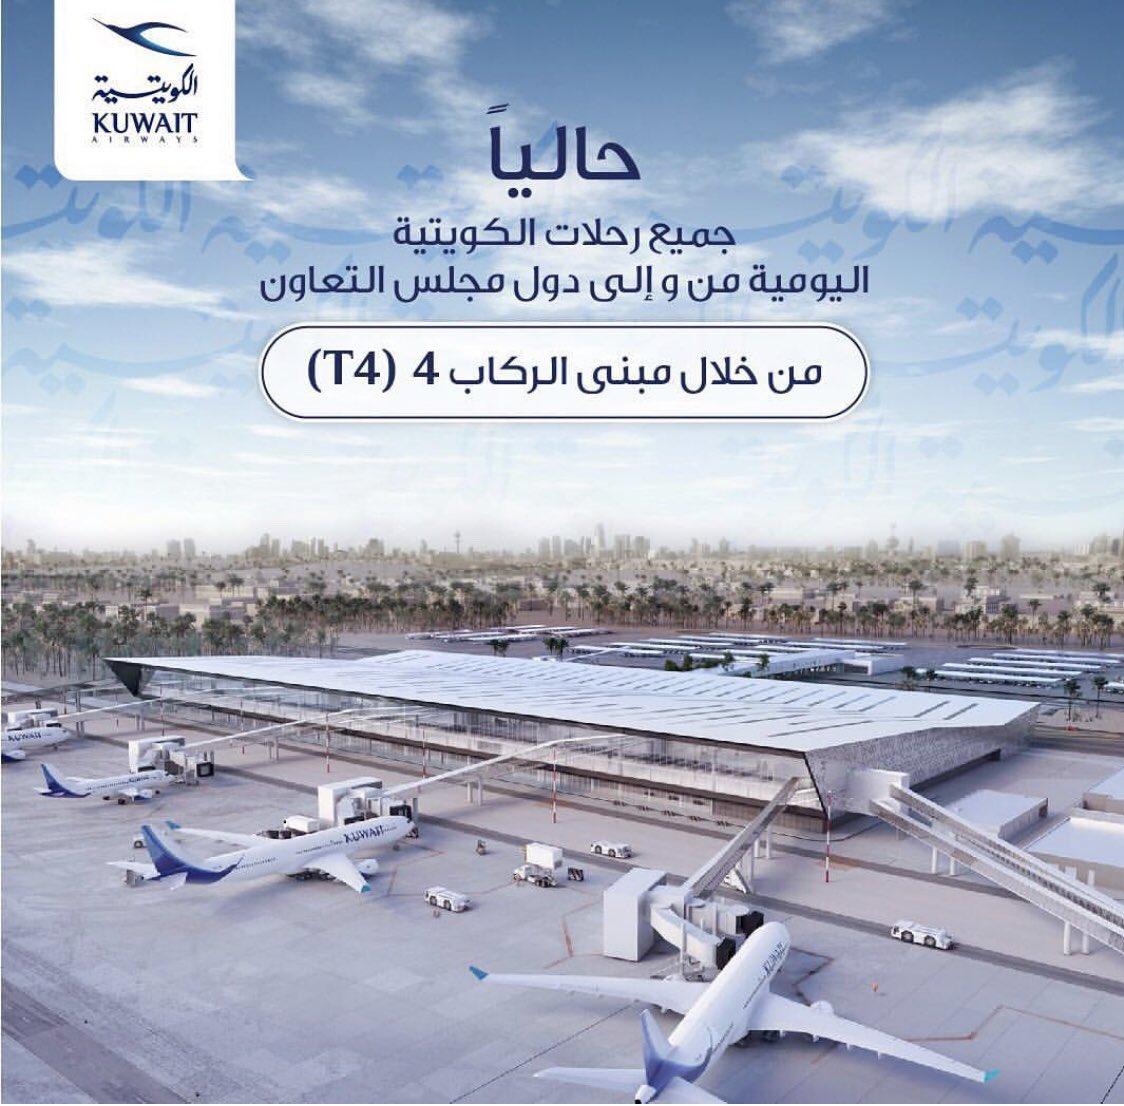 تشغيل جميع رحلات الكويتية من وإلى دول الخليج العربي عبر T4   @KuwaitAirways  #رؤية_2035 #نيو_كويت #كويت_جديدة https://t.co/WSr1mlk4Cc